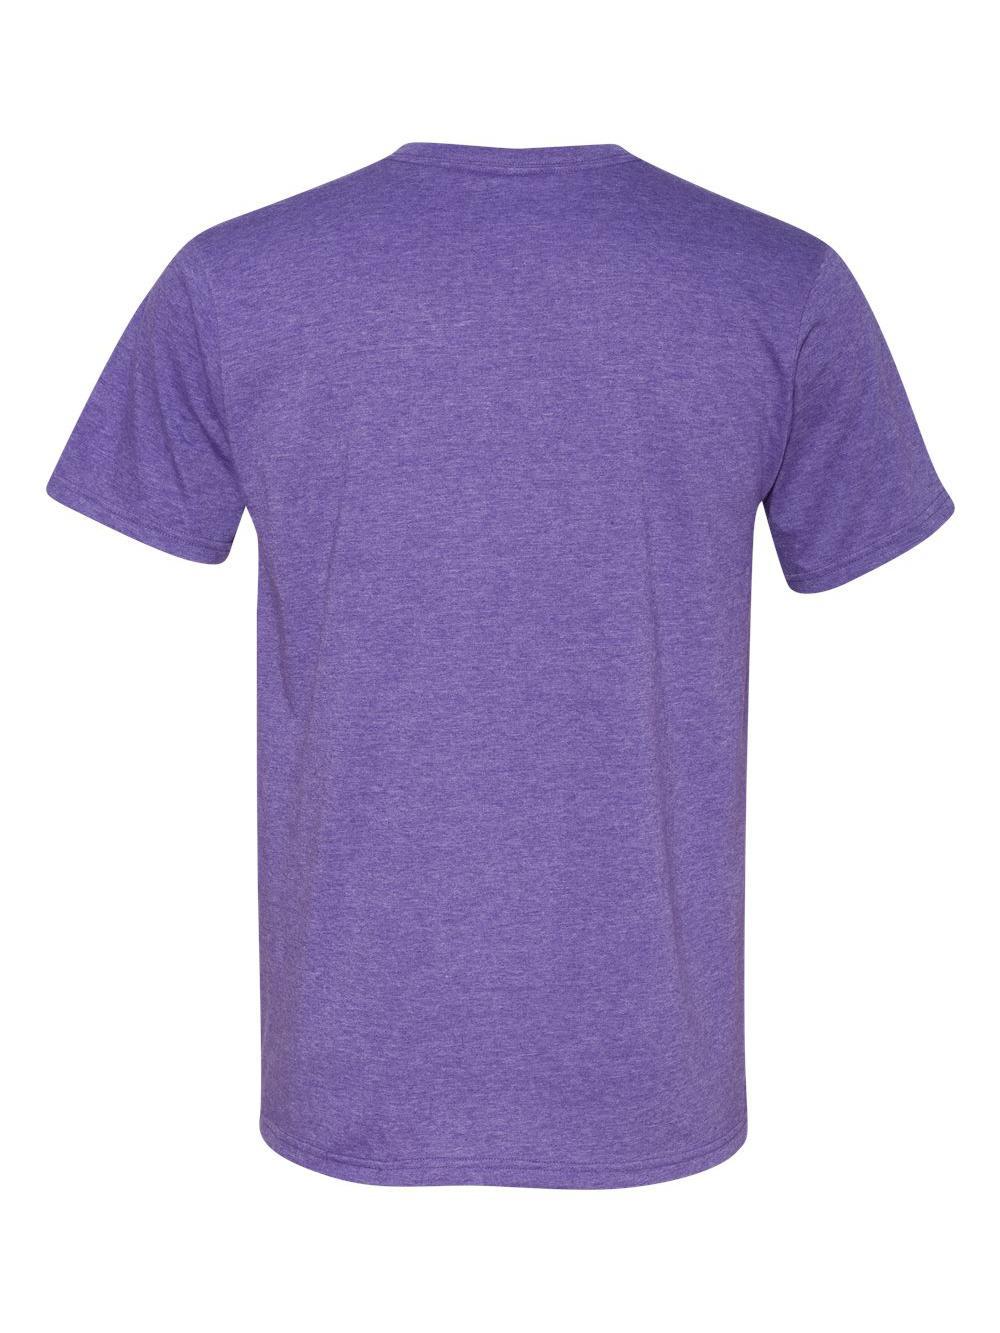 Anvil-Lightweight-Ringspun-V-Neck-T-Shirt-982 thumbnail 19